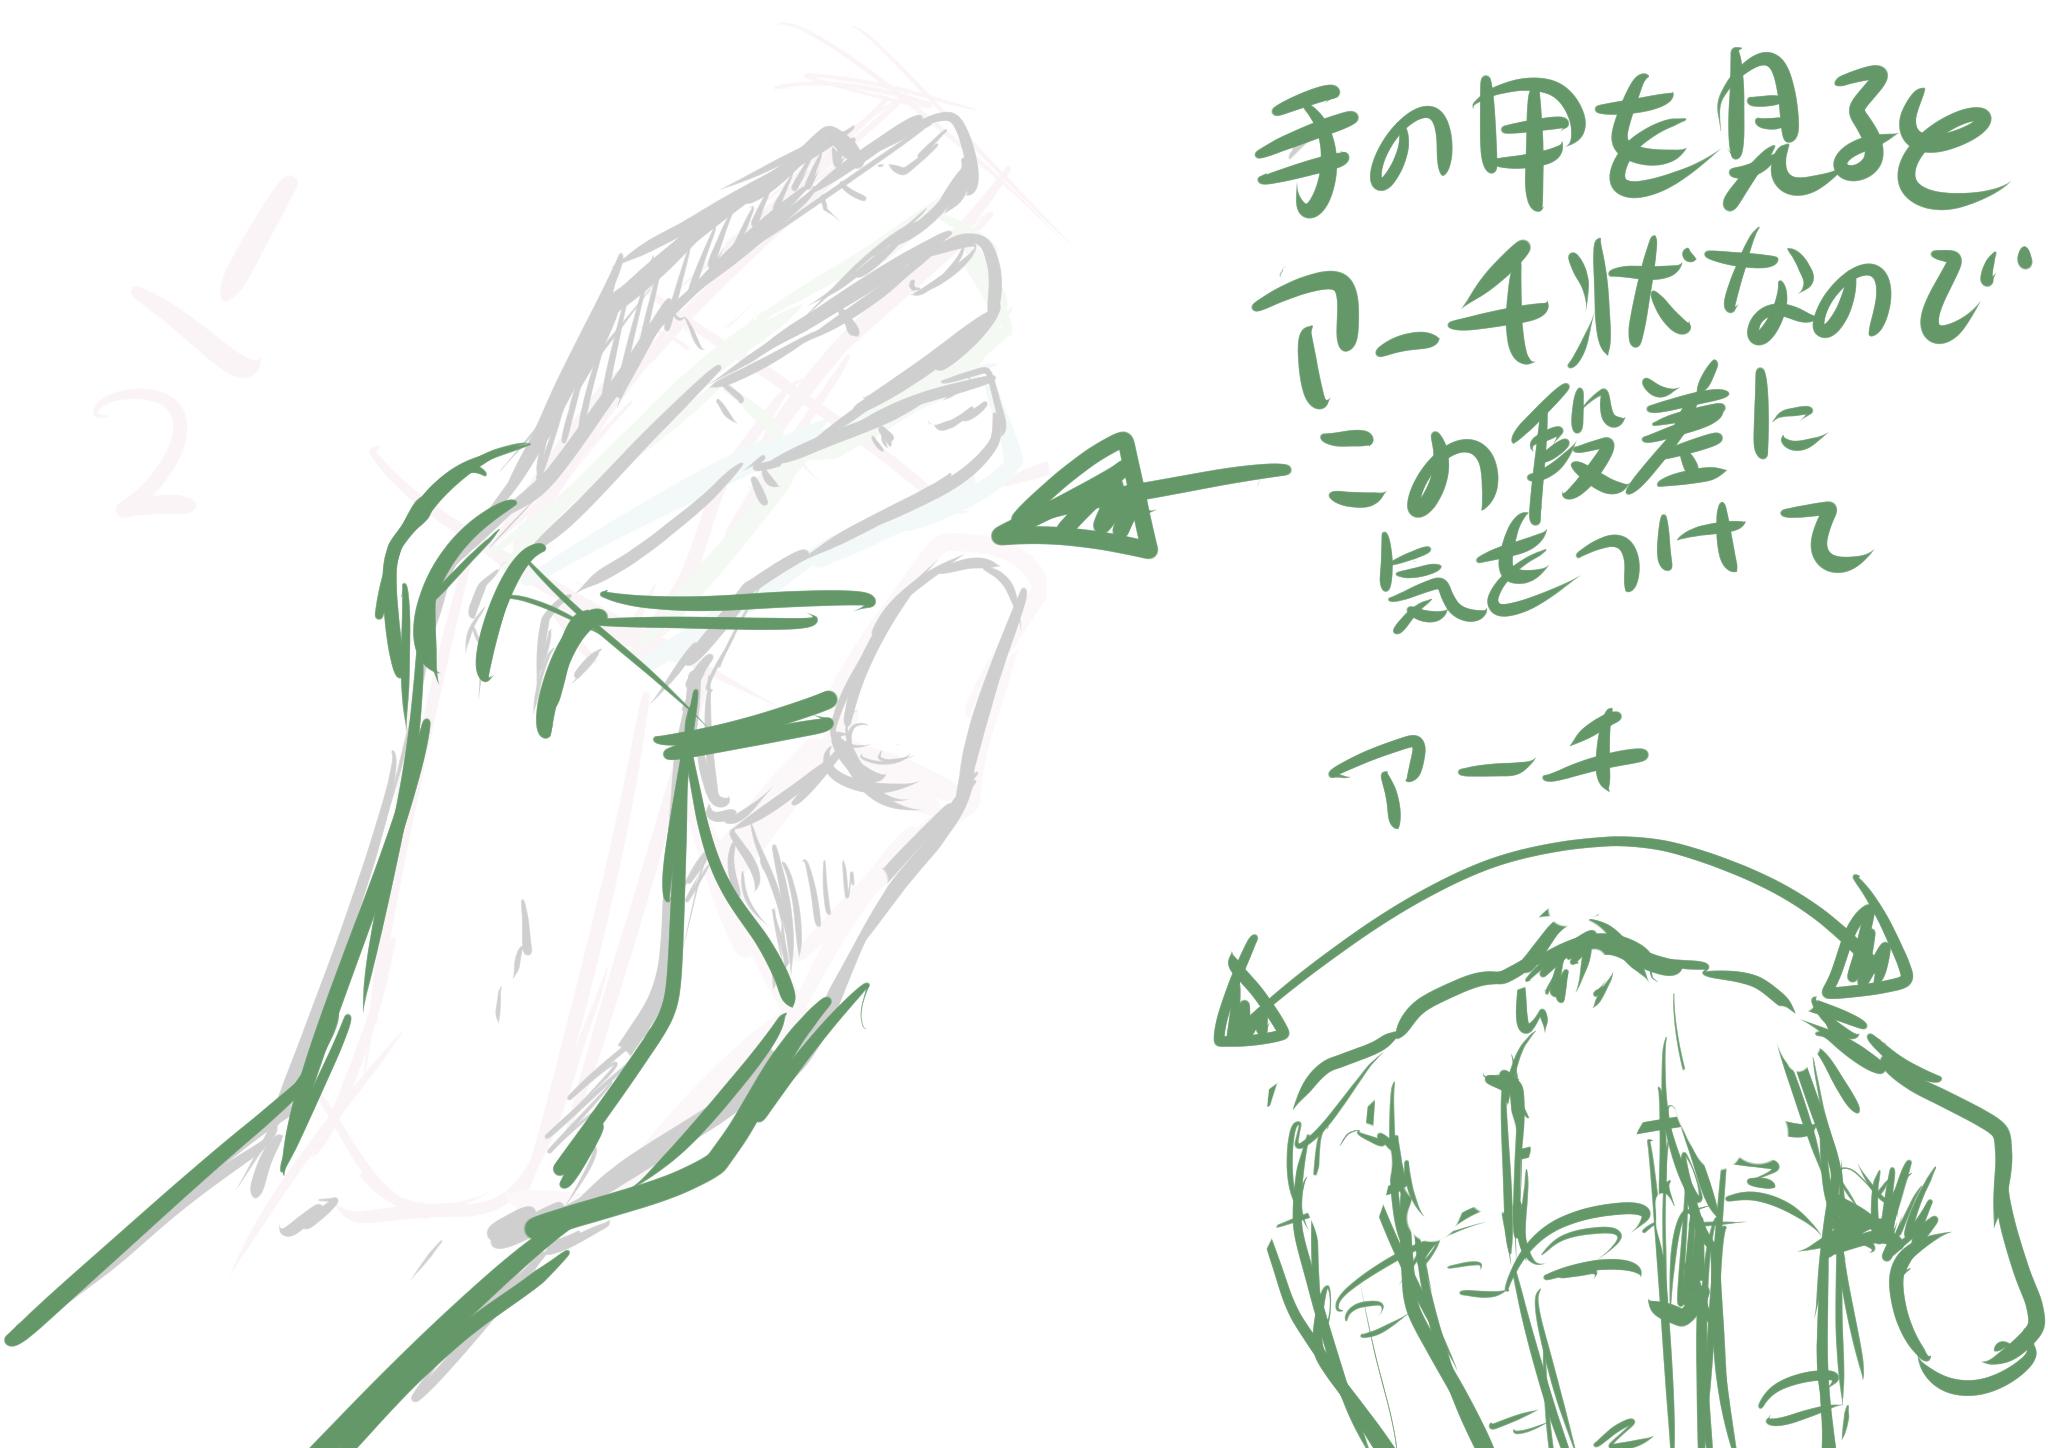 手の書き方を考える7